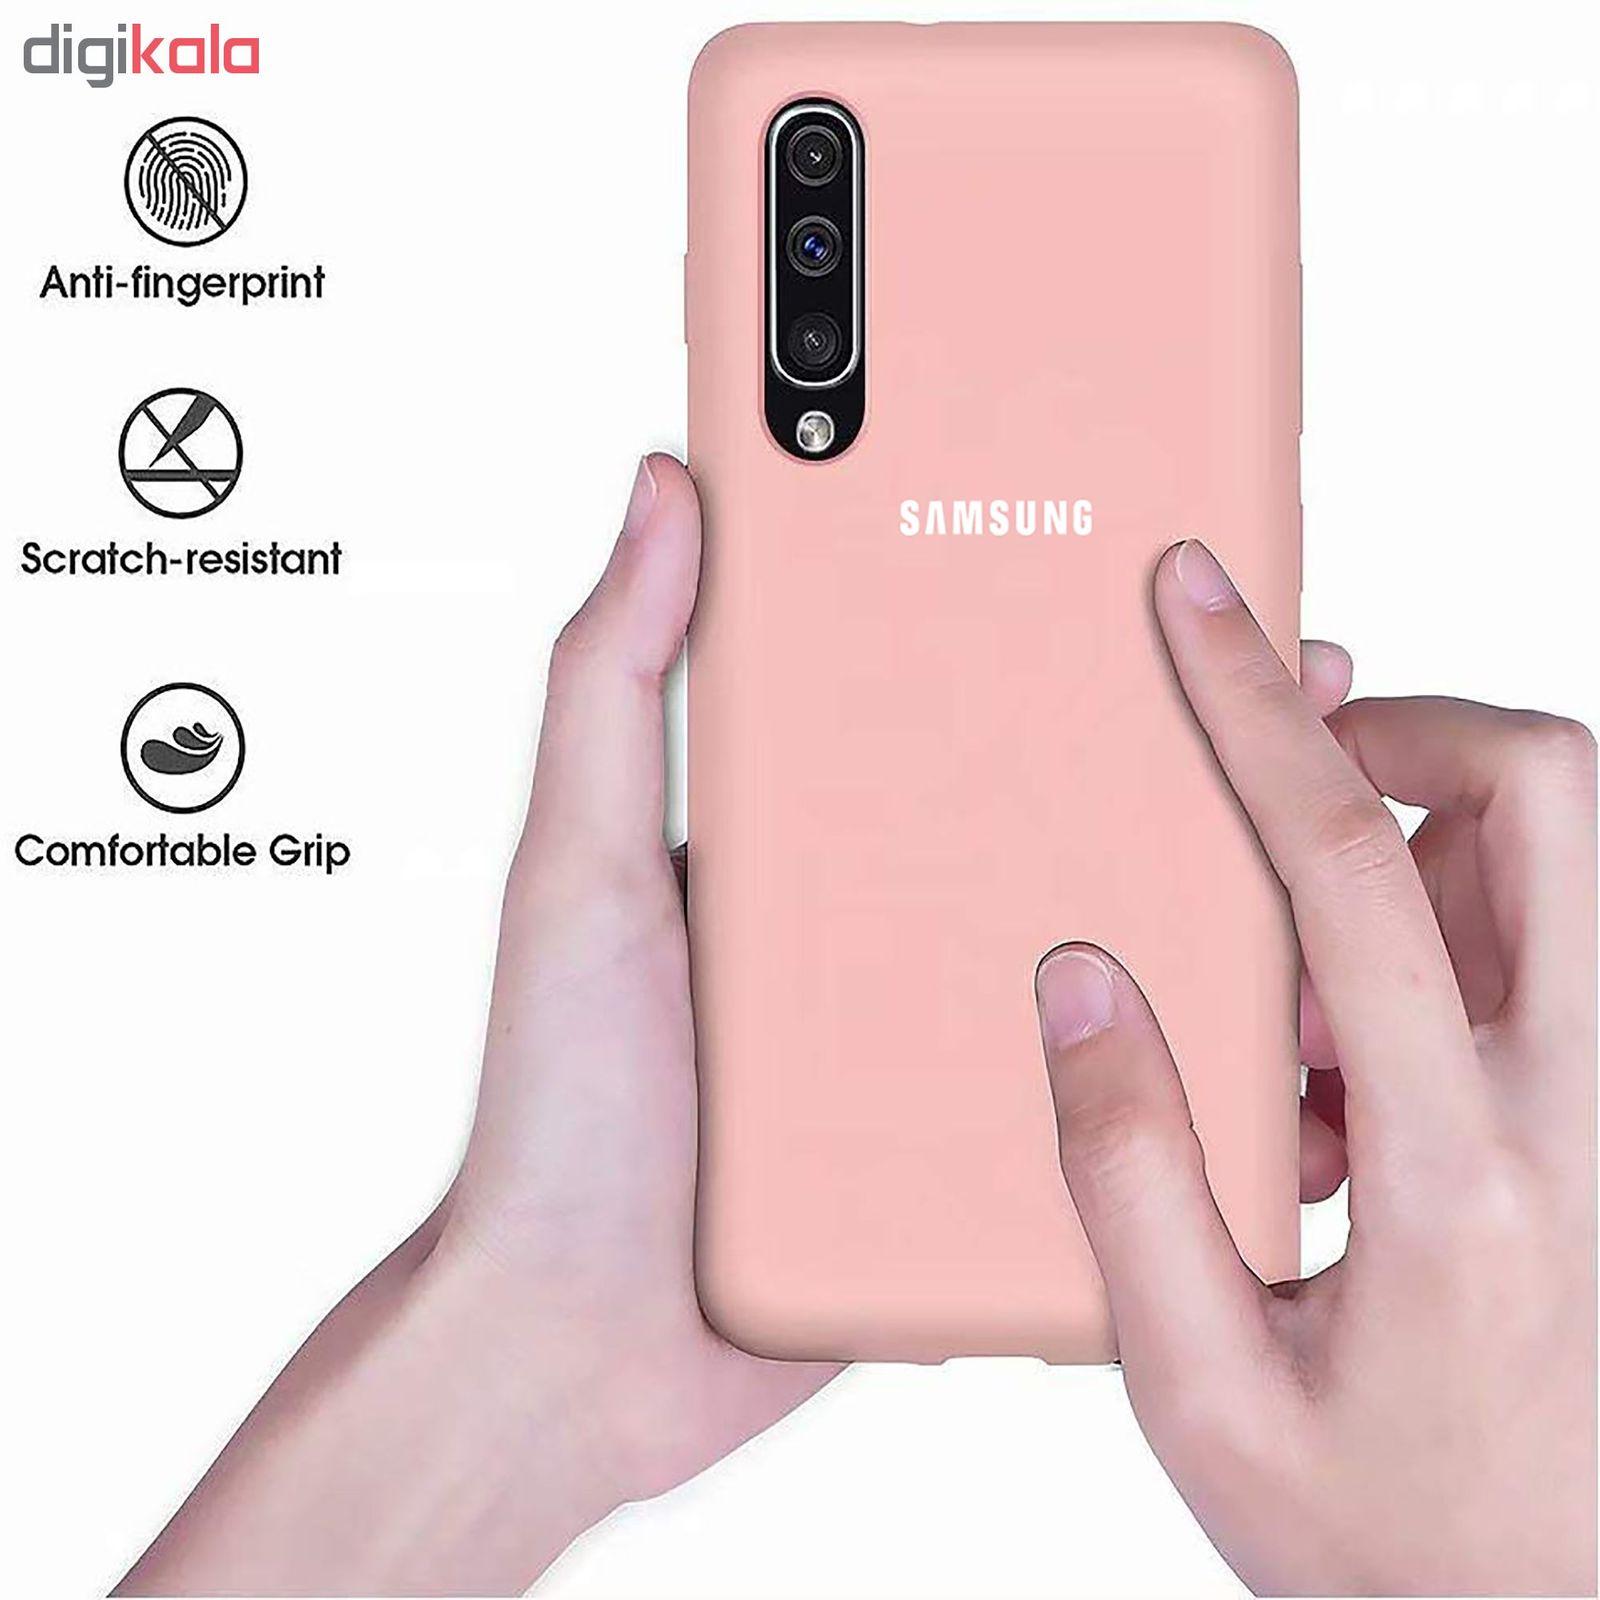 کاور مدل Silc مناسب برای گوشی موبایل سامسونگ Galaxy A50 main 1 8